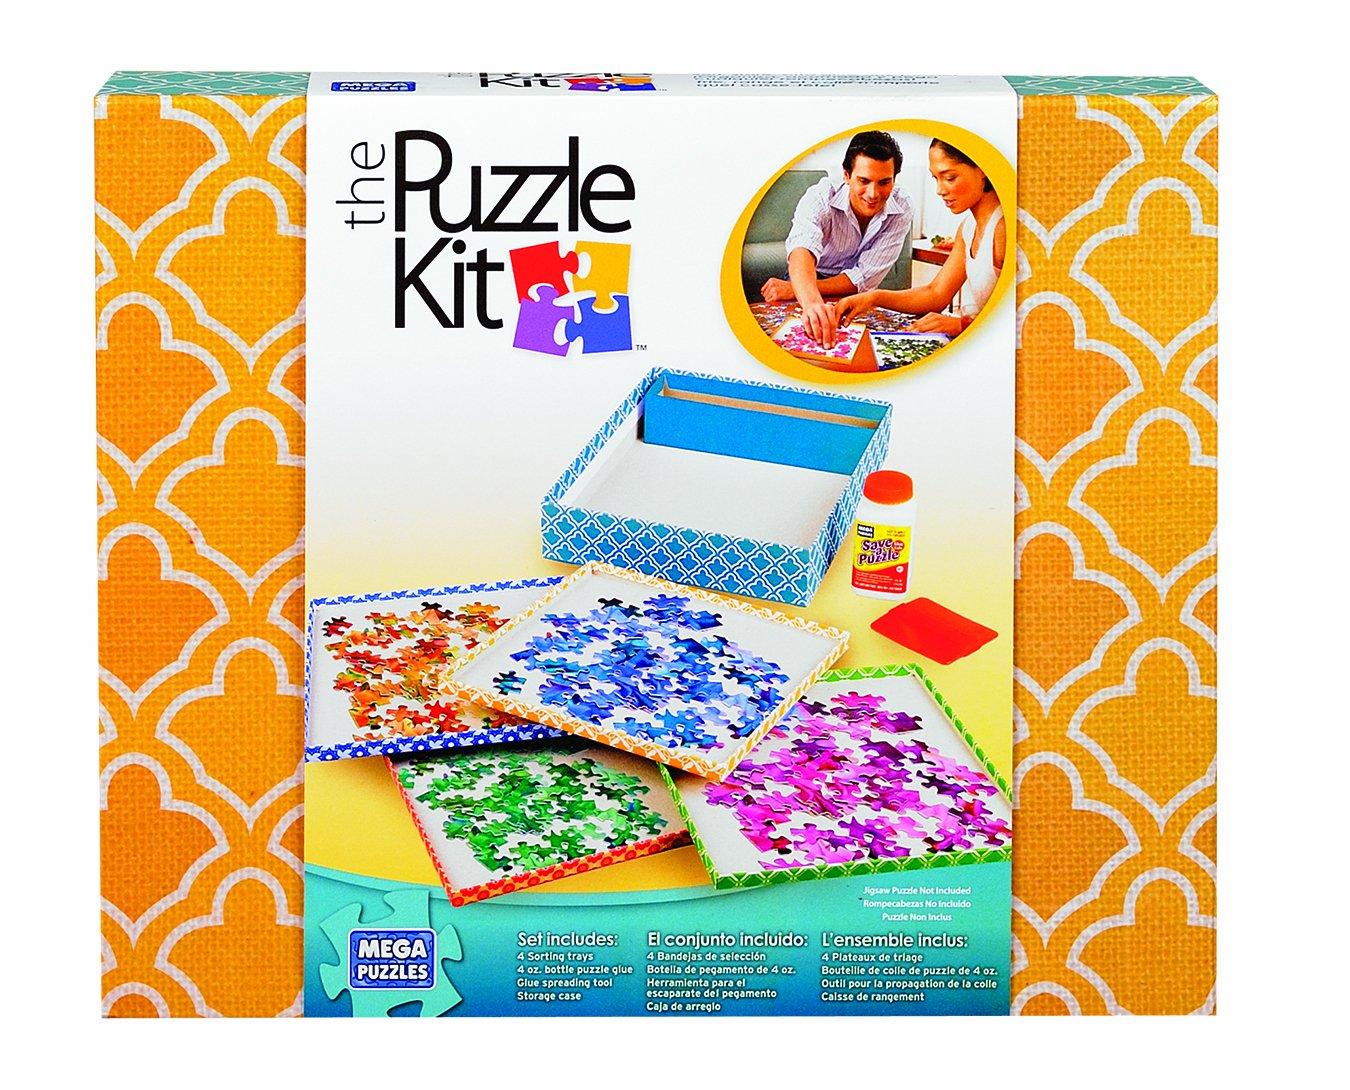 Mega Puzzles The Puzzle Kit